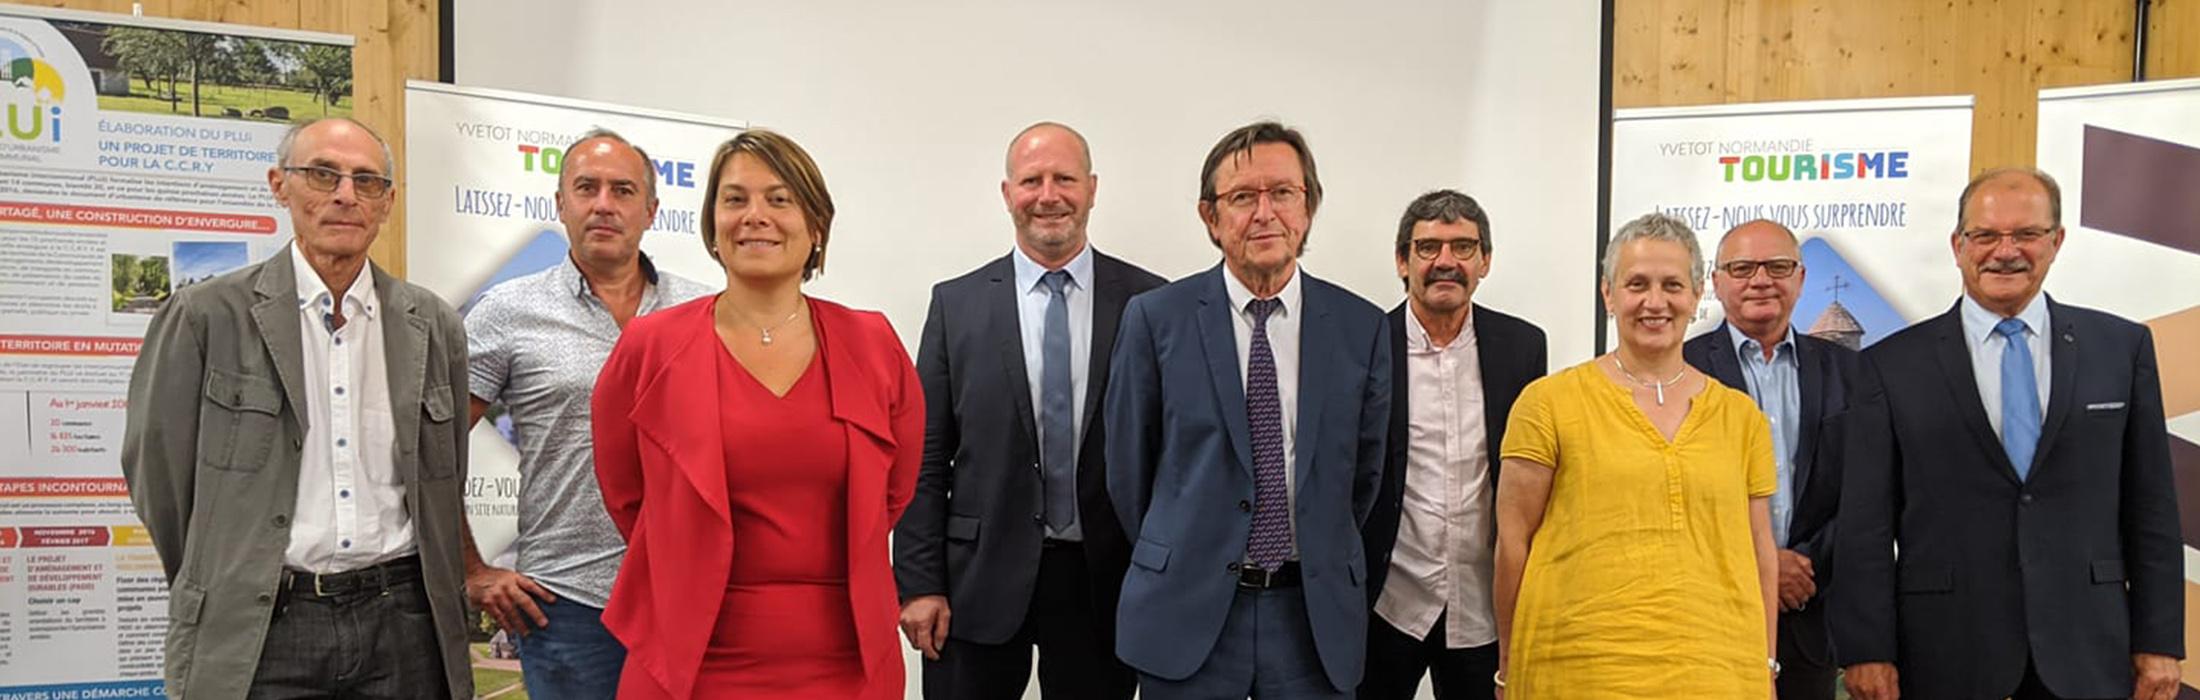 Nouvel exécutif I Communauté de Communes Yvetot Normandie